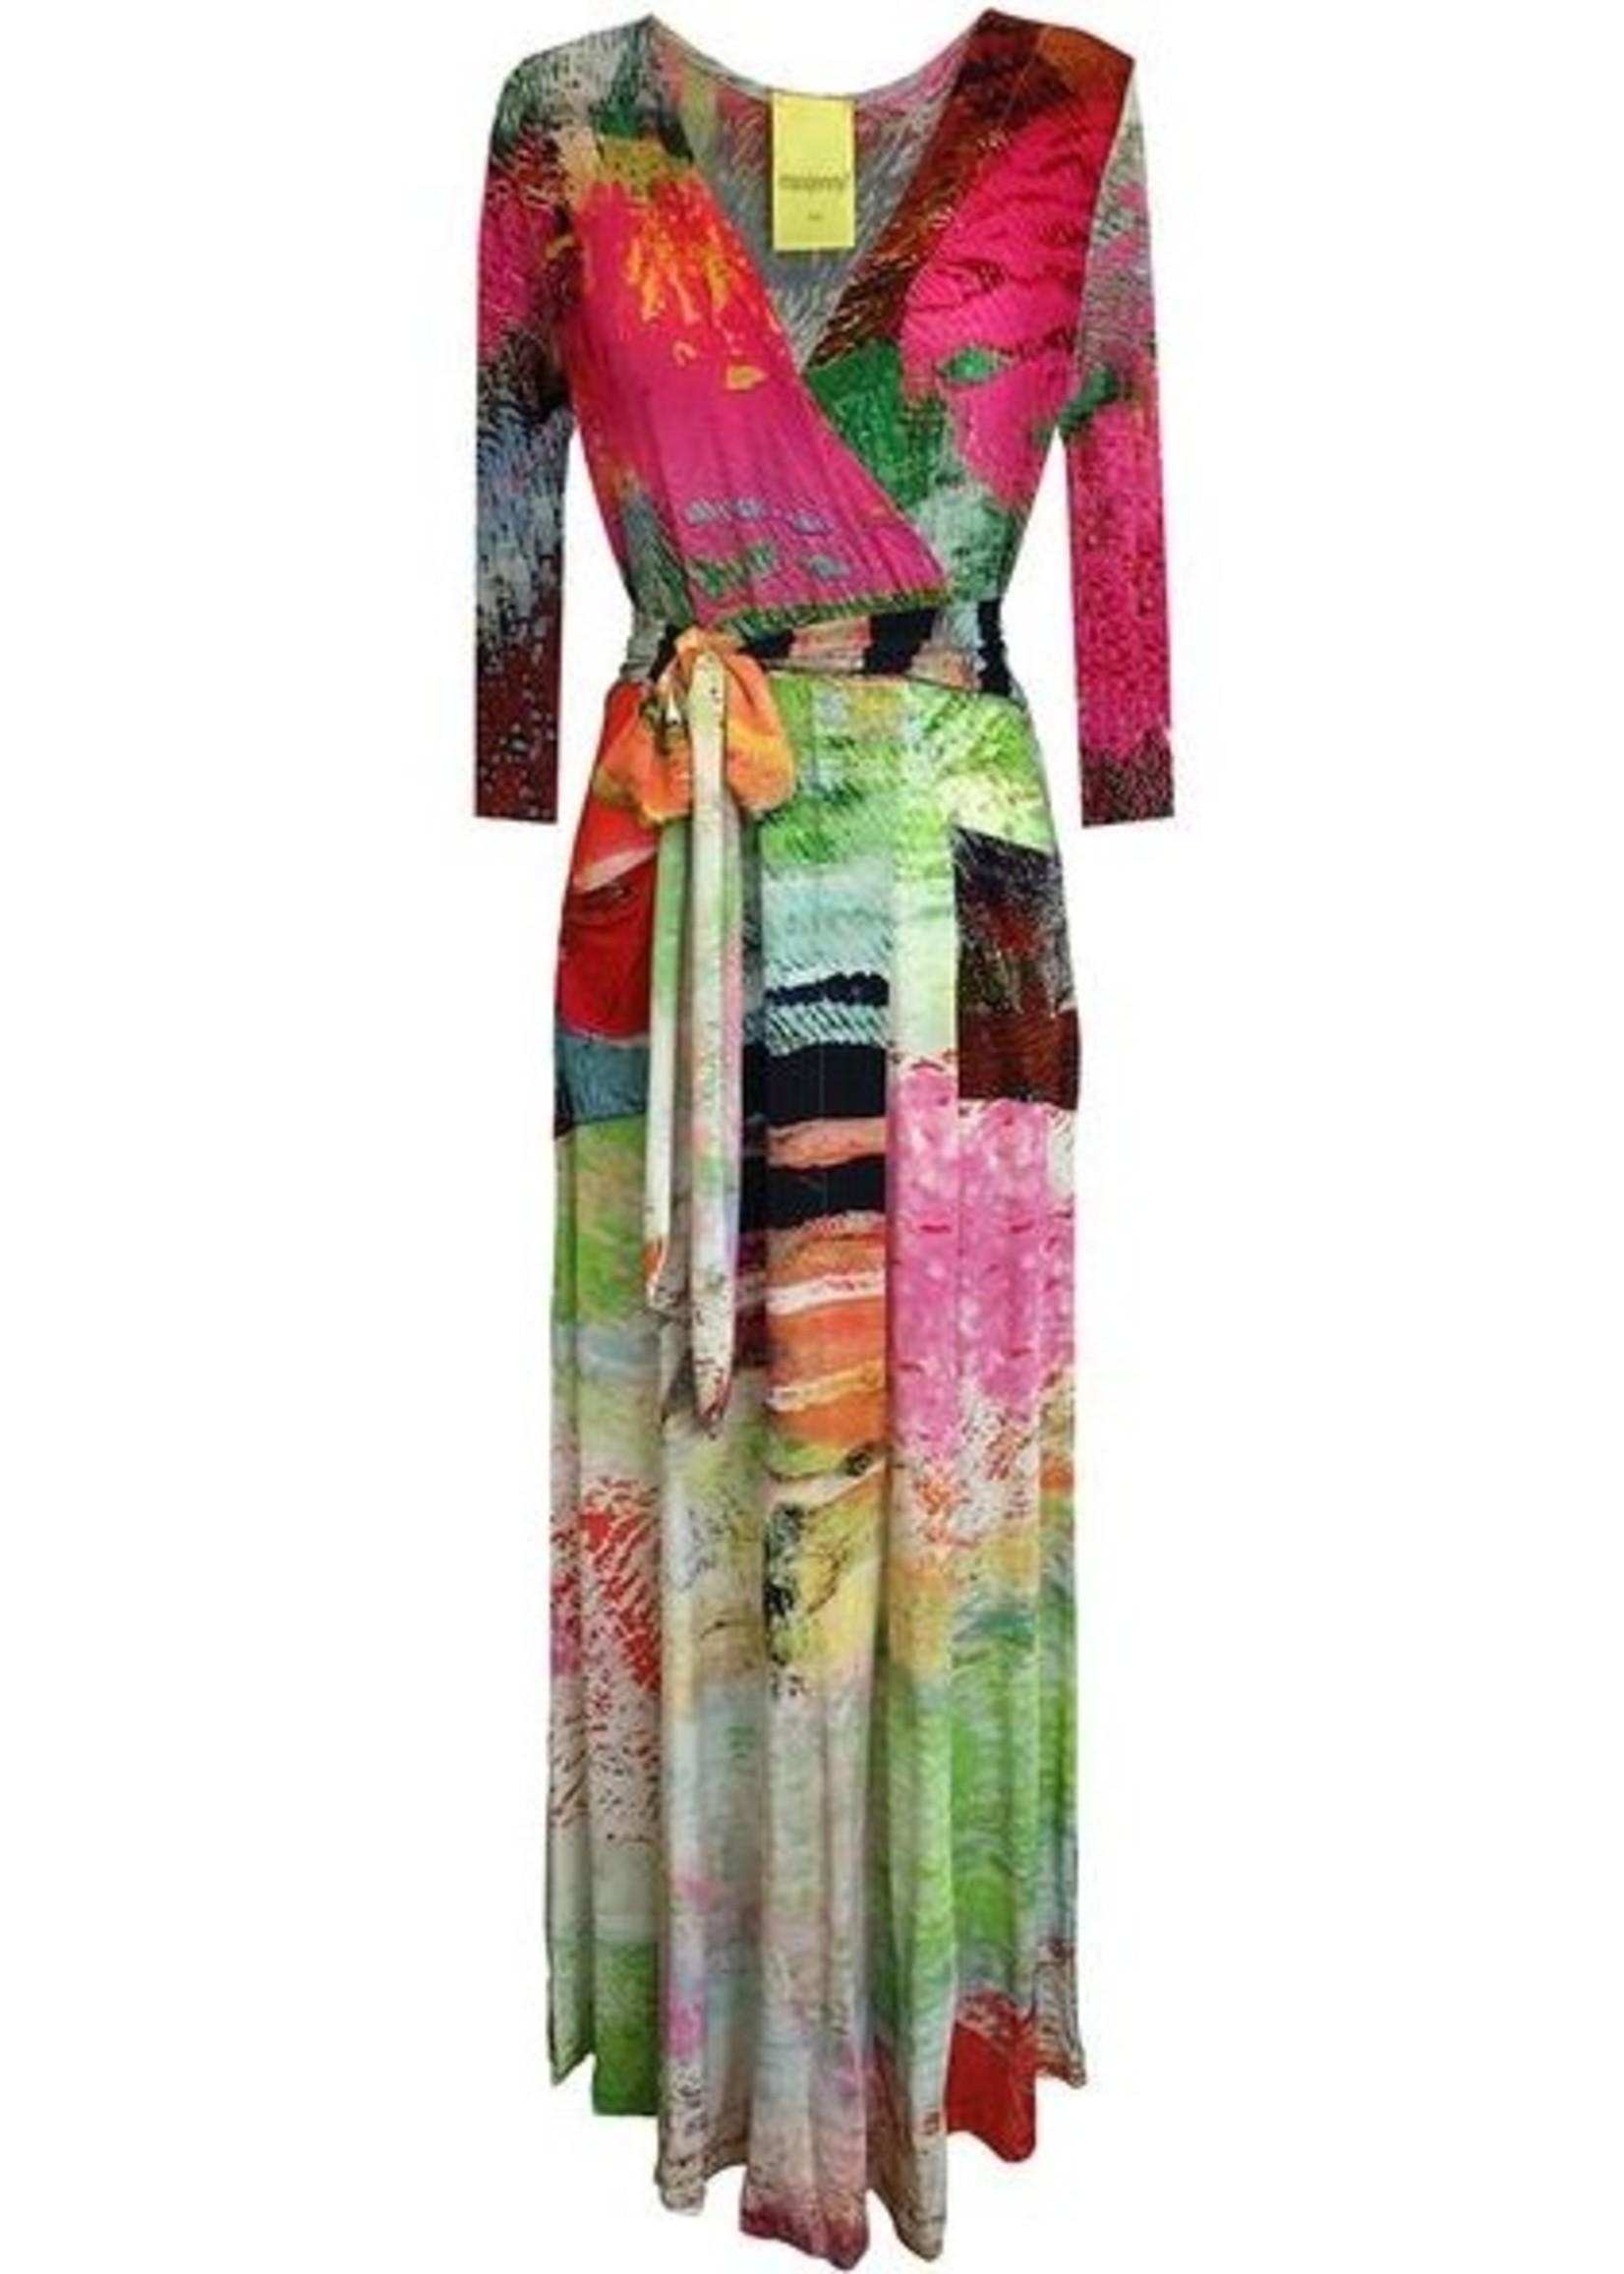 MAXJENNY wraparound dress